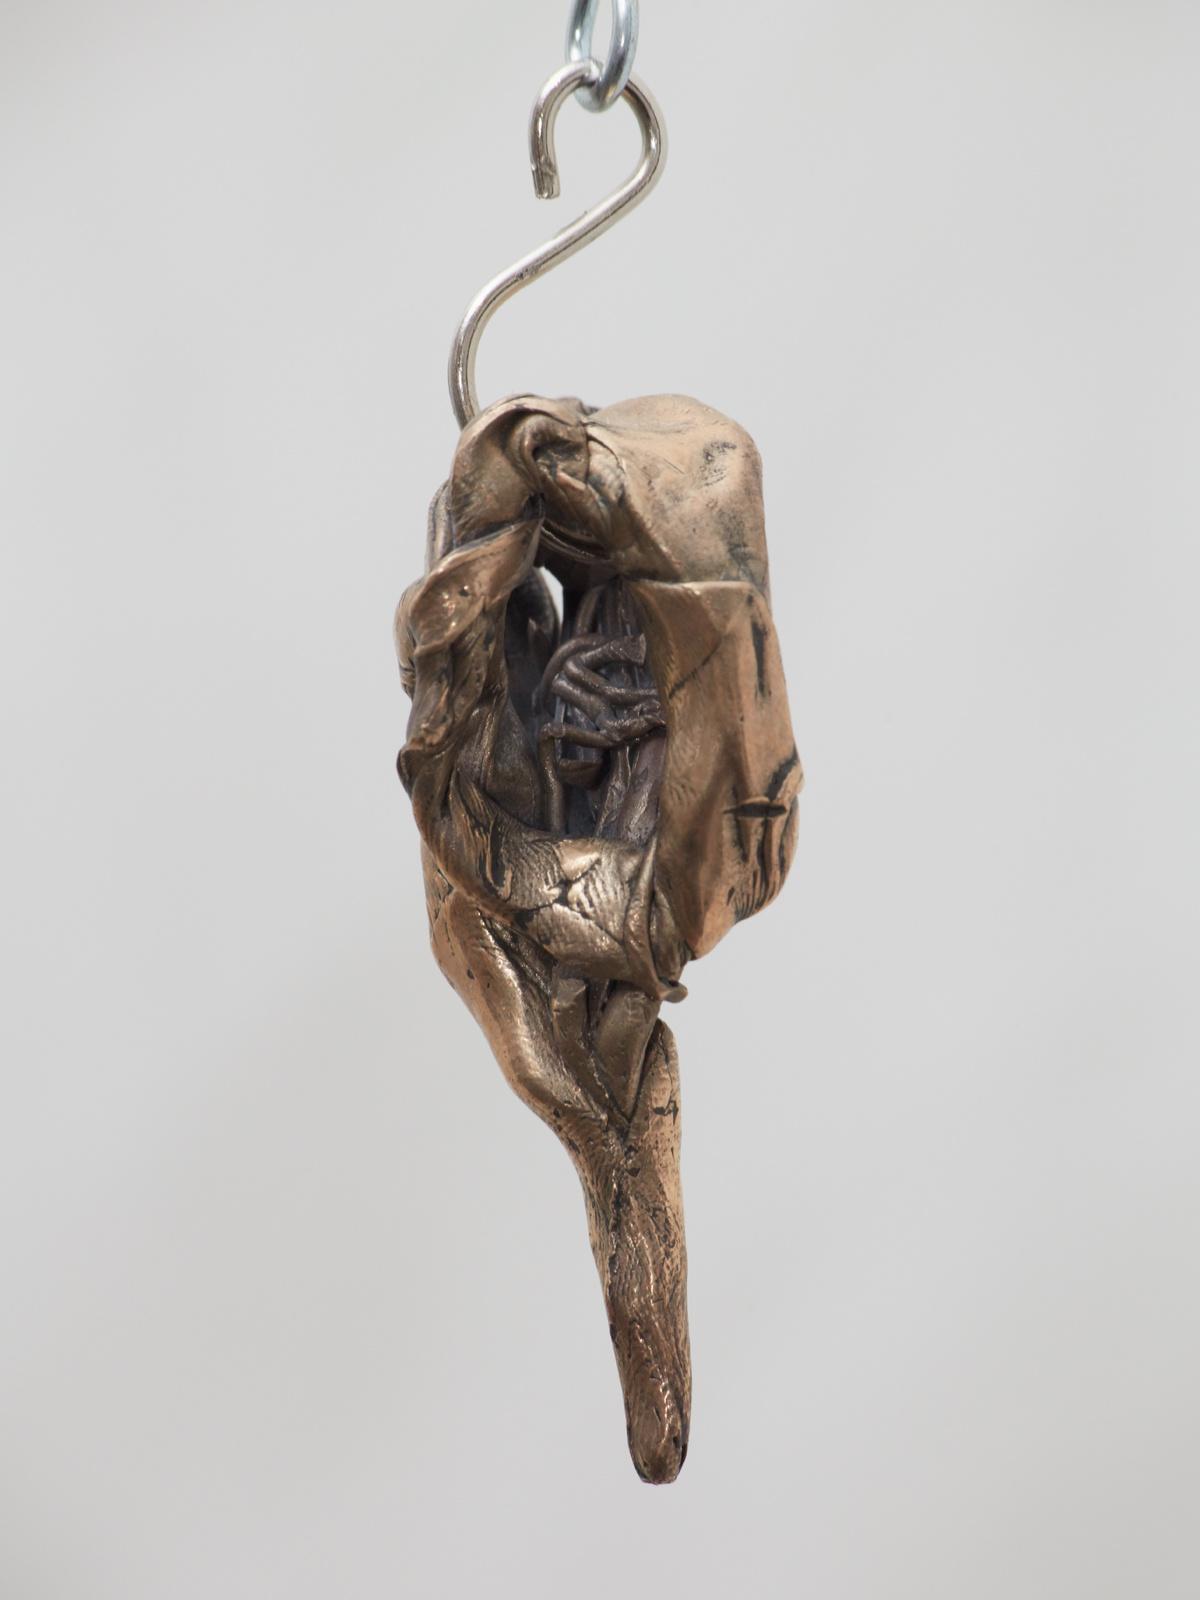 Jaakko Pallasvuo, Pendant III, 2016, Bronze, 2 x 1 x 1 in, 6 x 3 x 2 cm